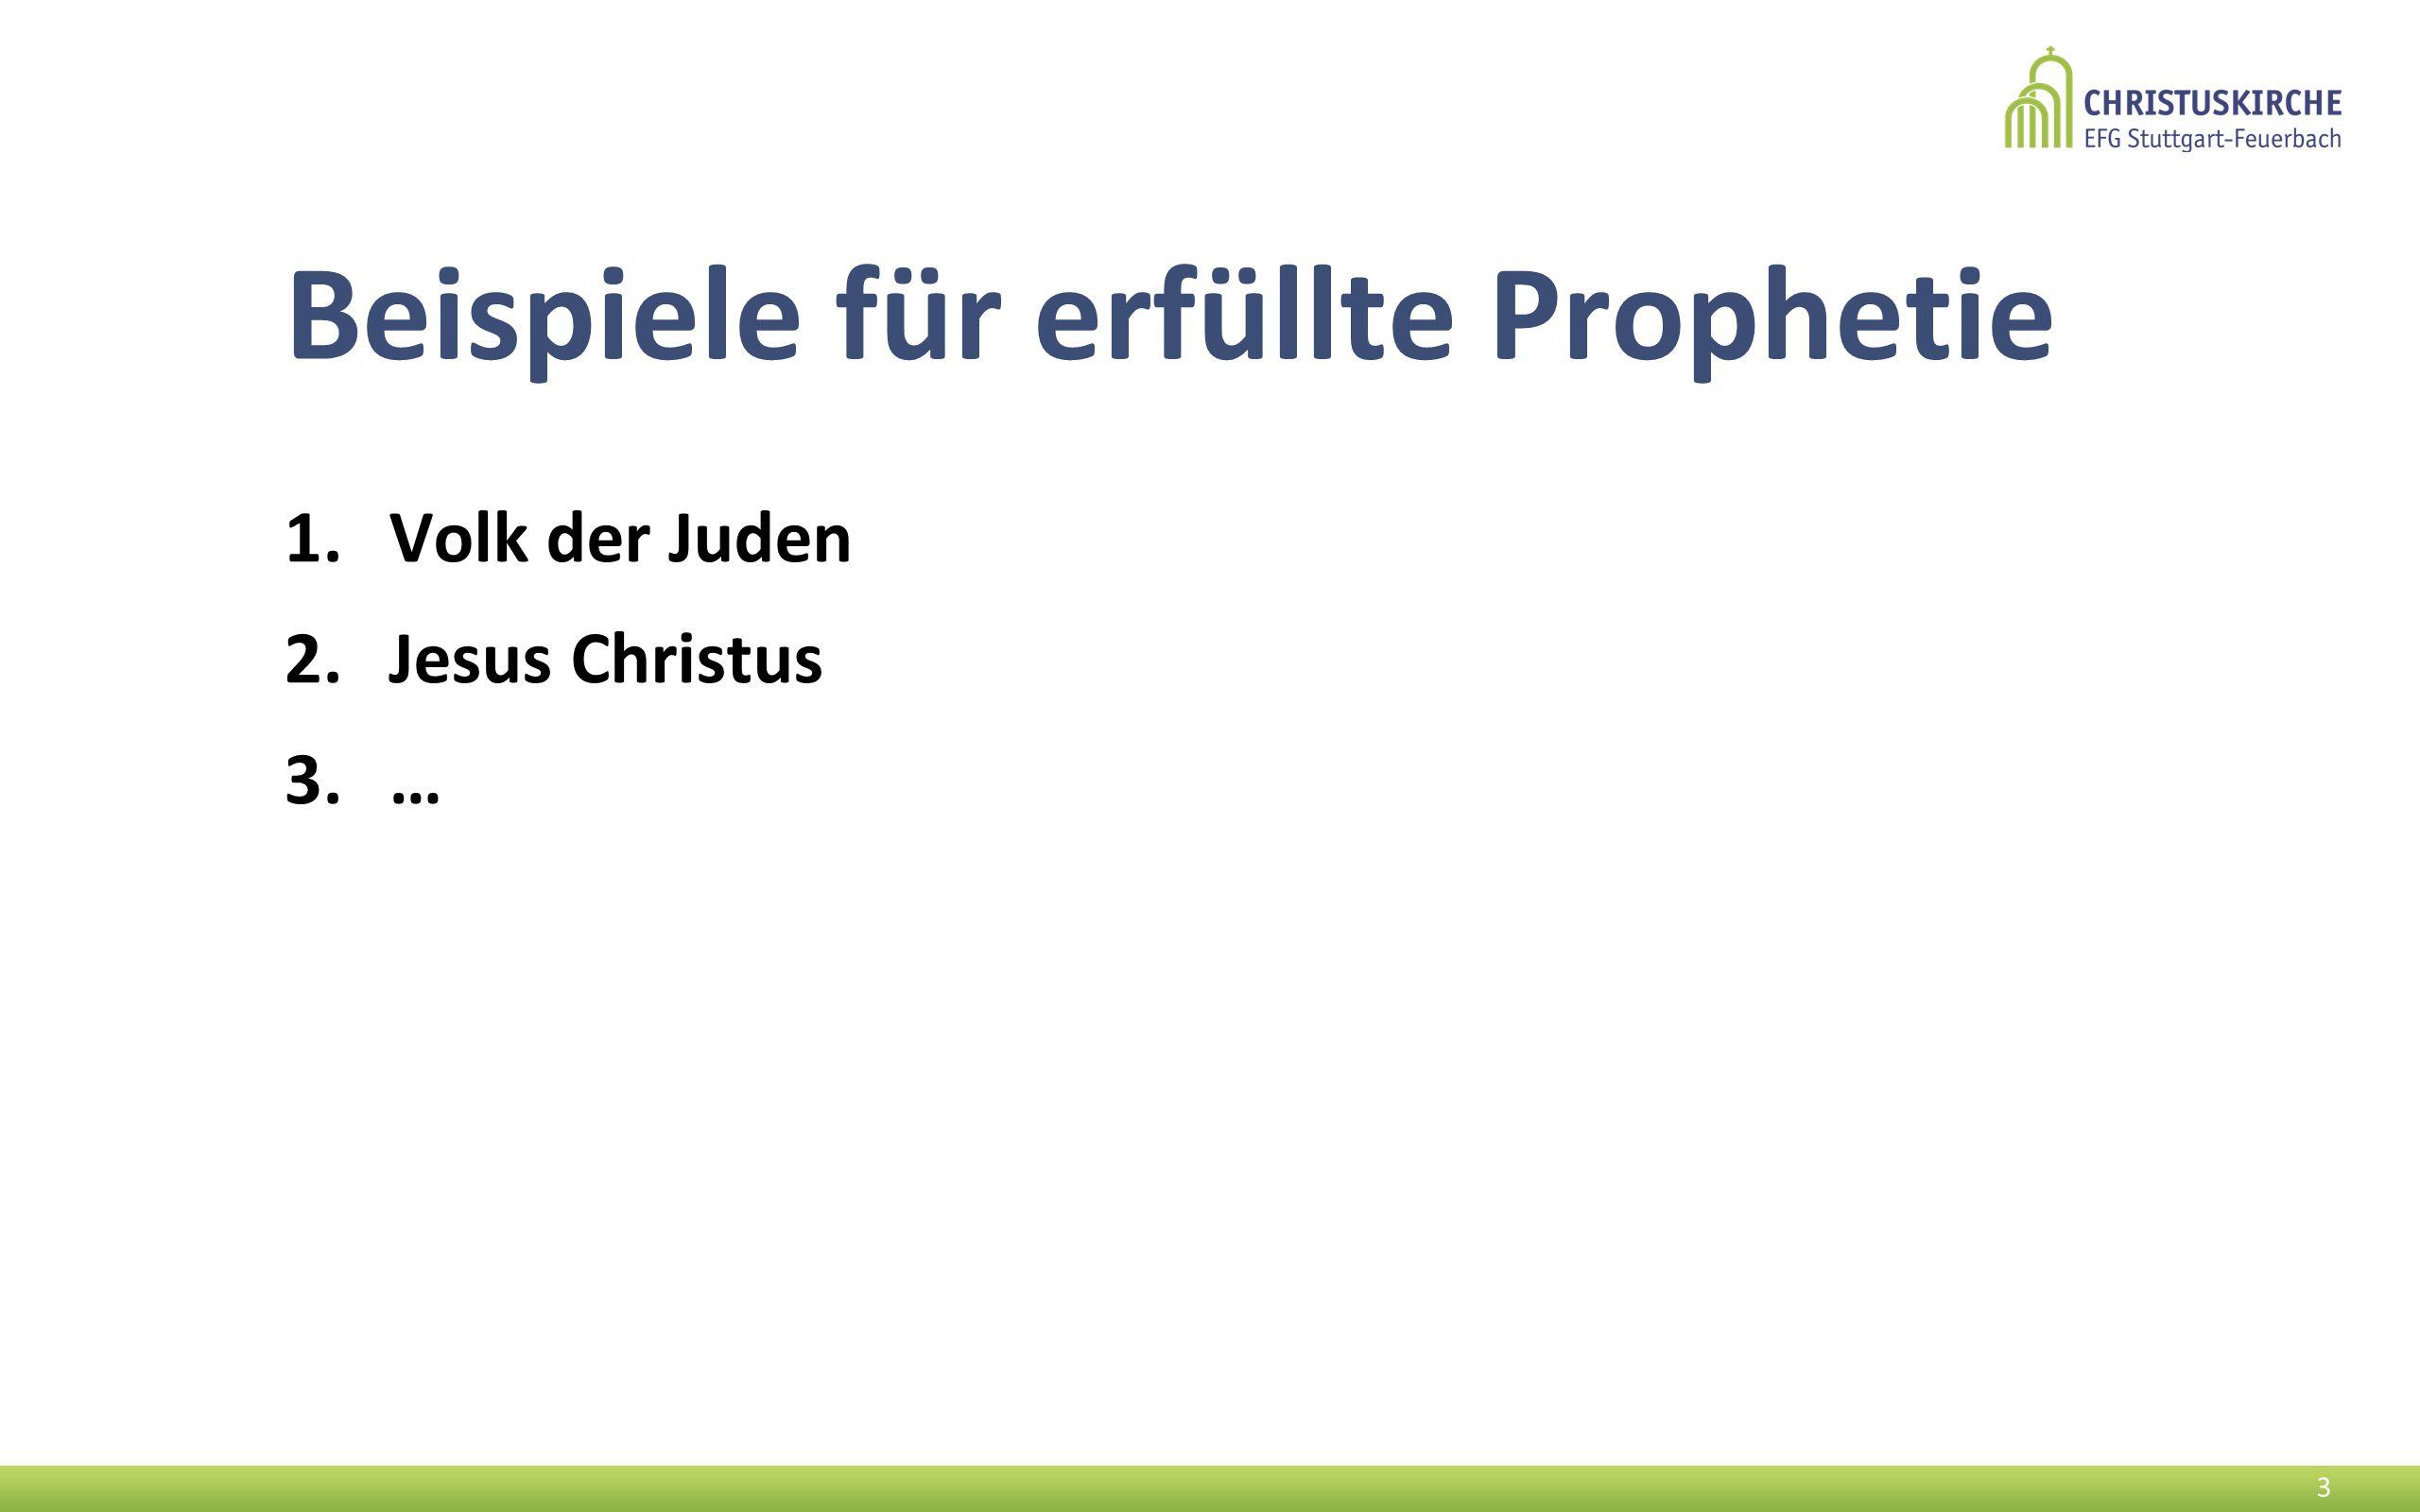 """""""… sie haben meine Hände durchbohrt. Psalm 22,17 24 """"Und als sie an den Ort kamen, den man Schädelstätte nennt, kreuzigten sie ihn dort … Lukasevangelium 23,33 Prophetie → Erfüllung"""